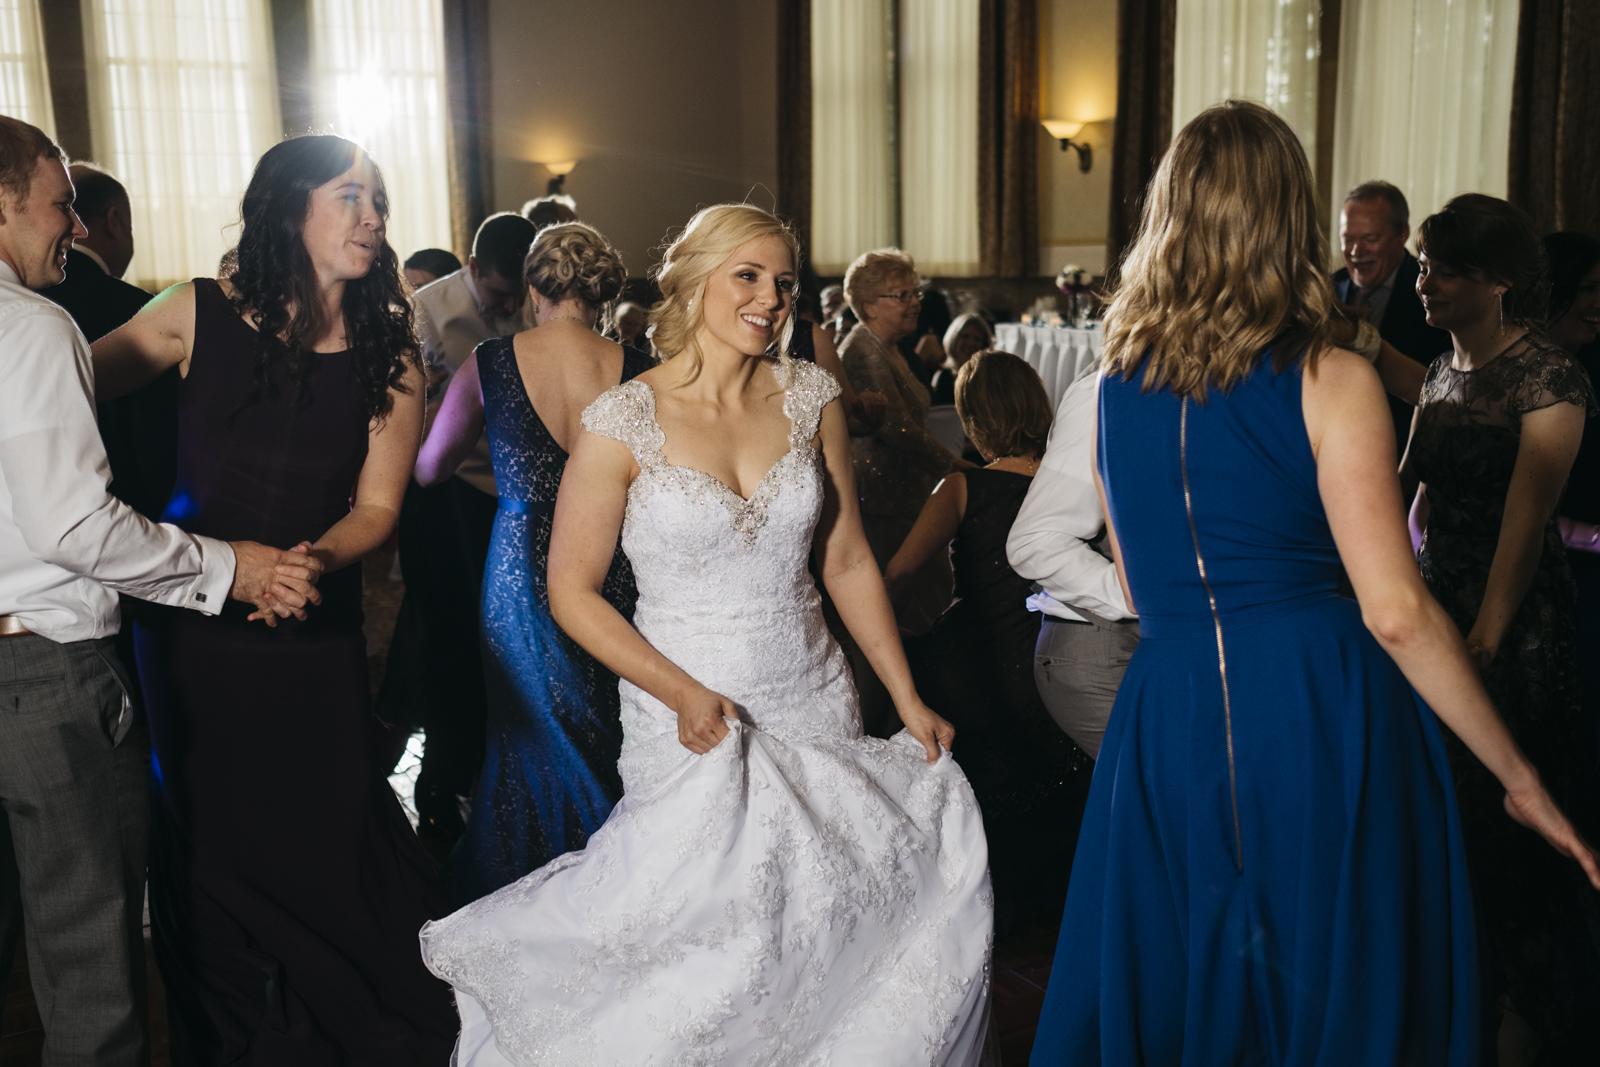 Bride dancing at reception at The Inn at St.John's.